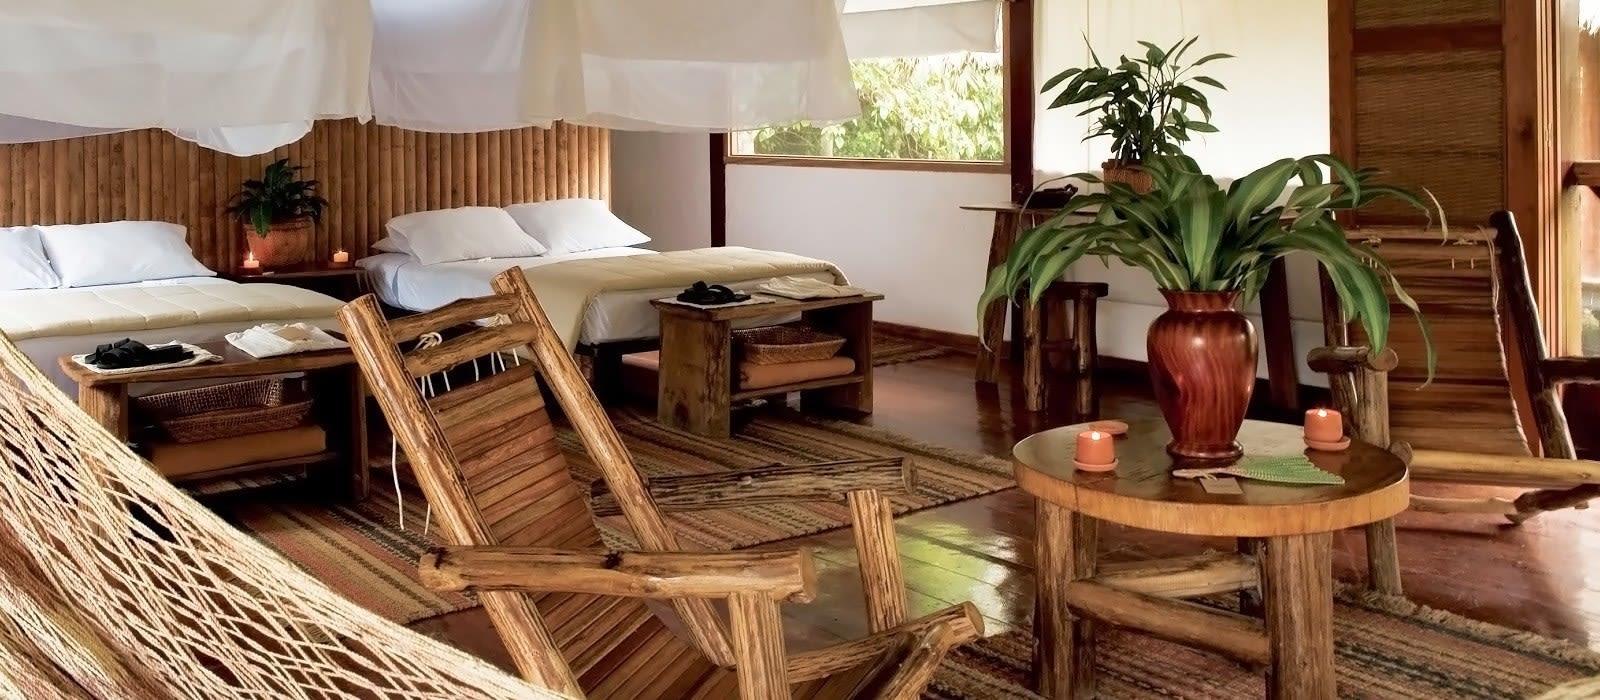 Hotel Inkaterra Reserva Amazónica Peru